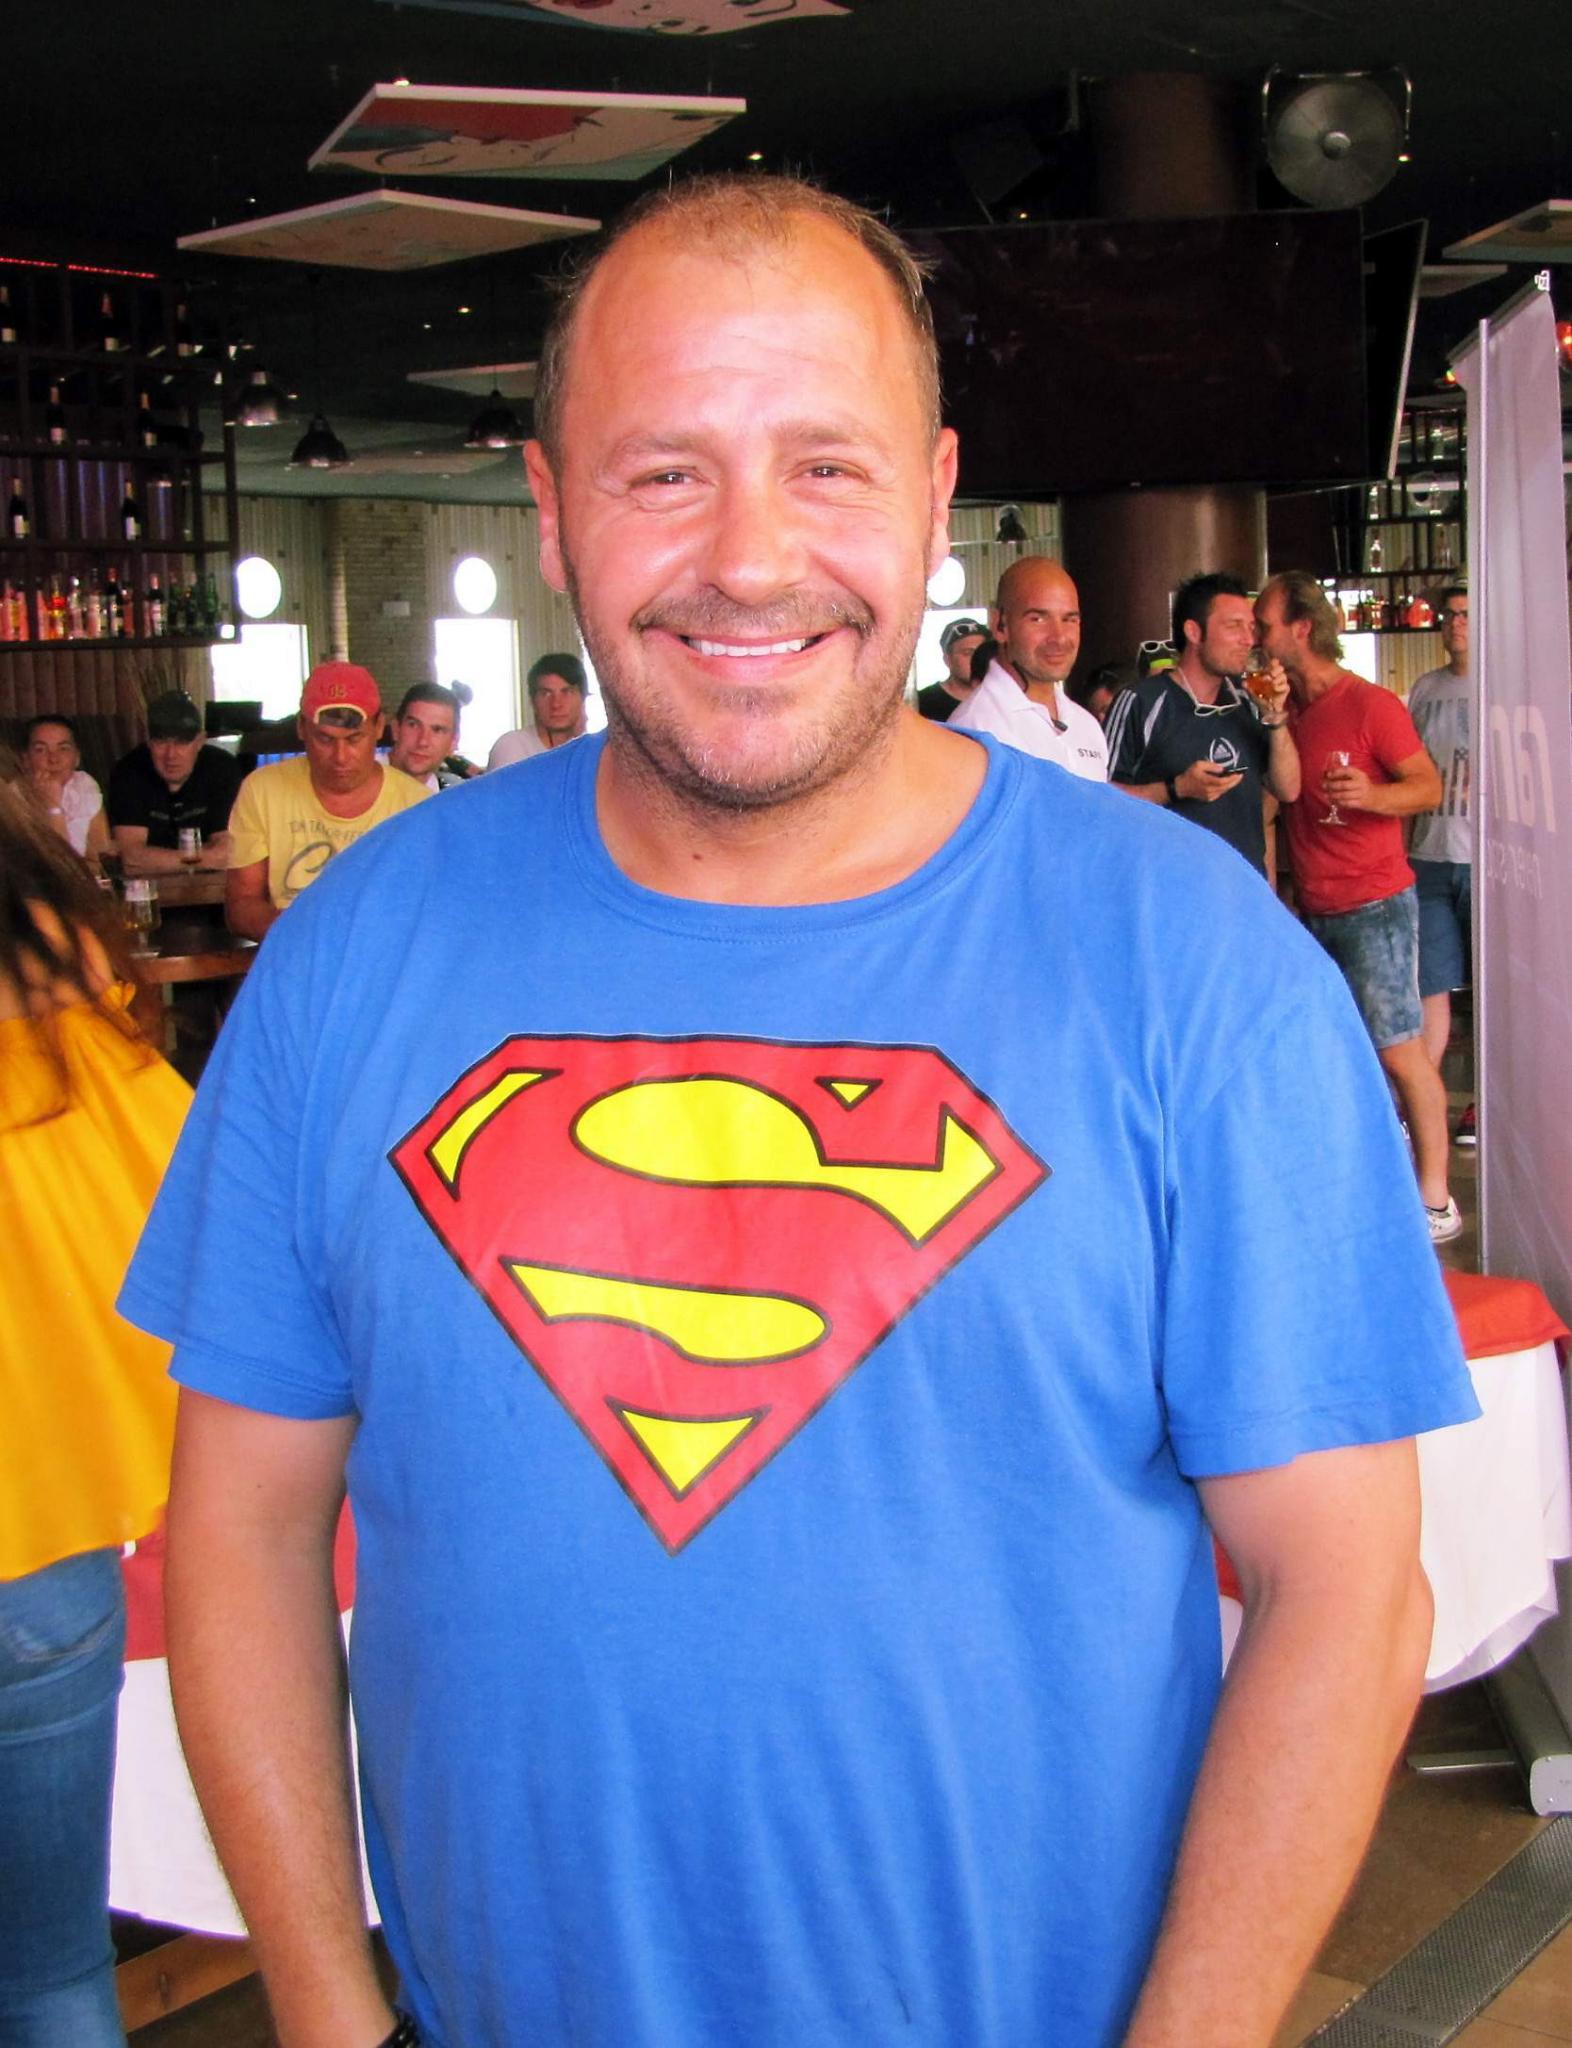 Auf Mallorca Aktiver Sanger Willi Herren Tot Aufgefunden